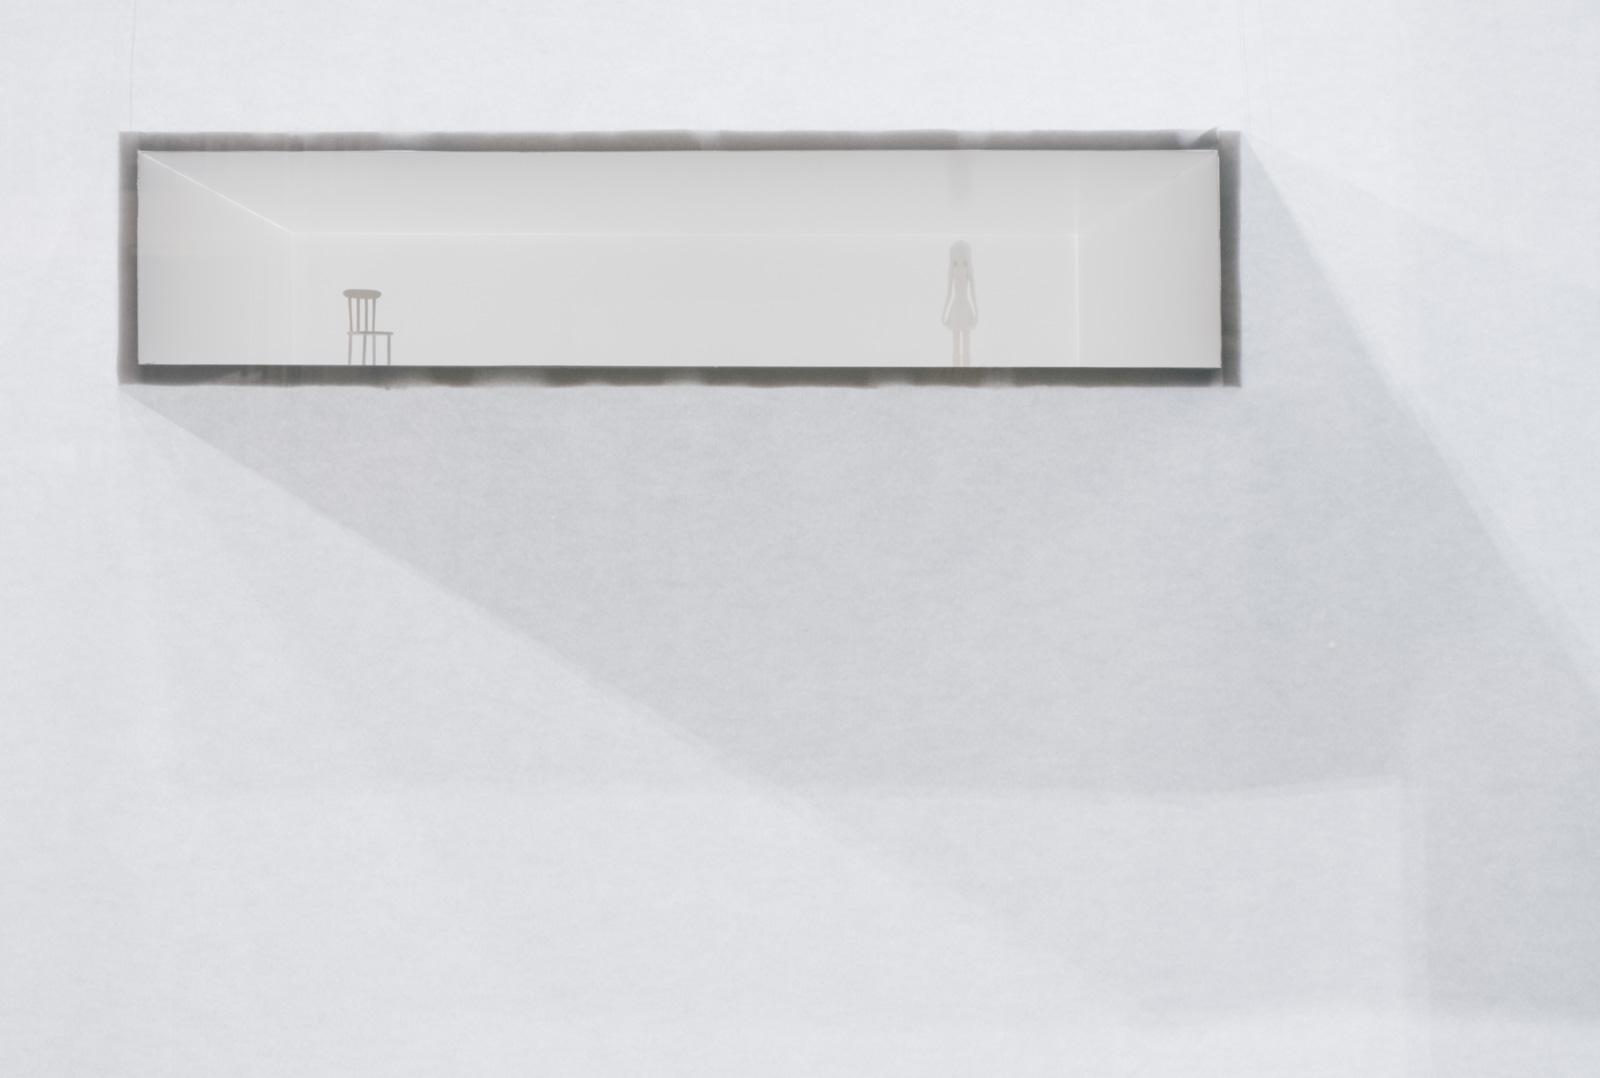 2014-v-ardini-expo-ruimte-1600-05.jpg